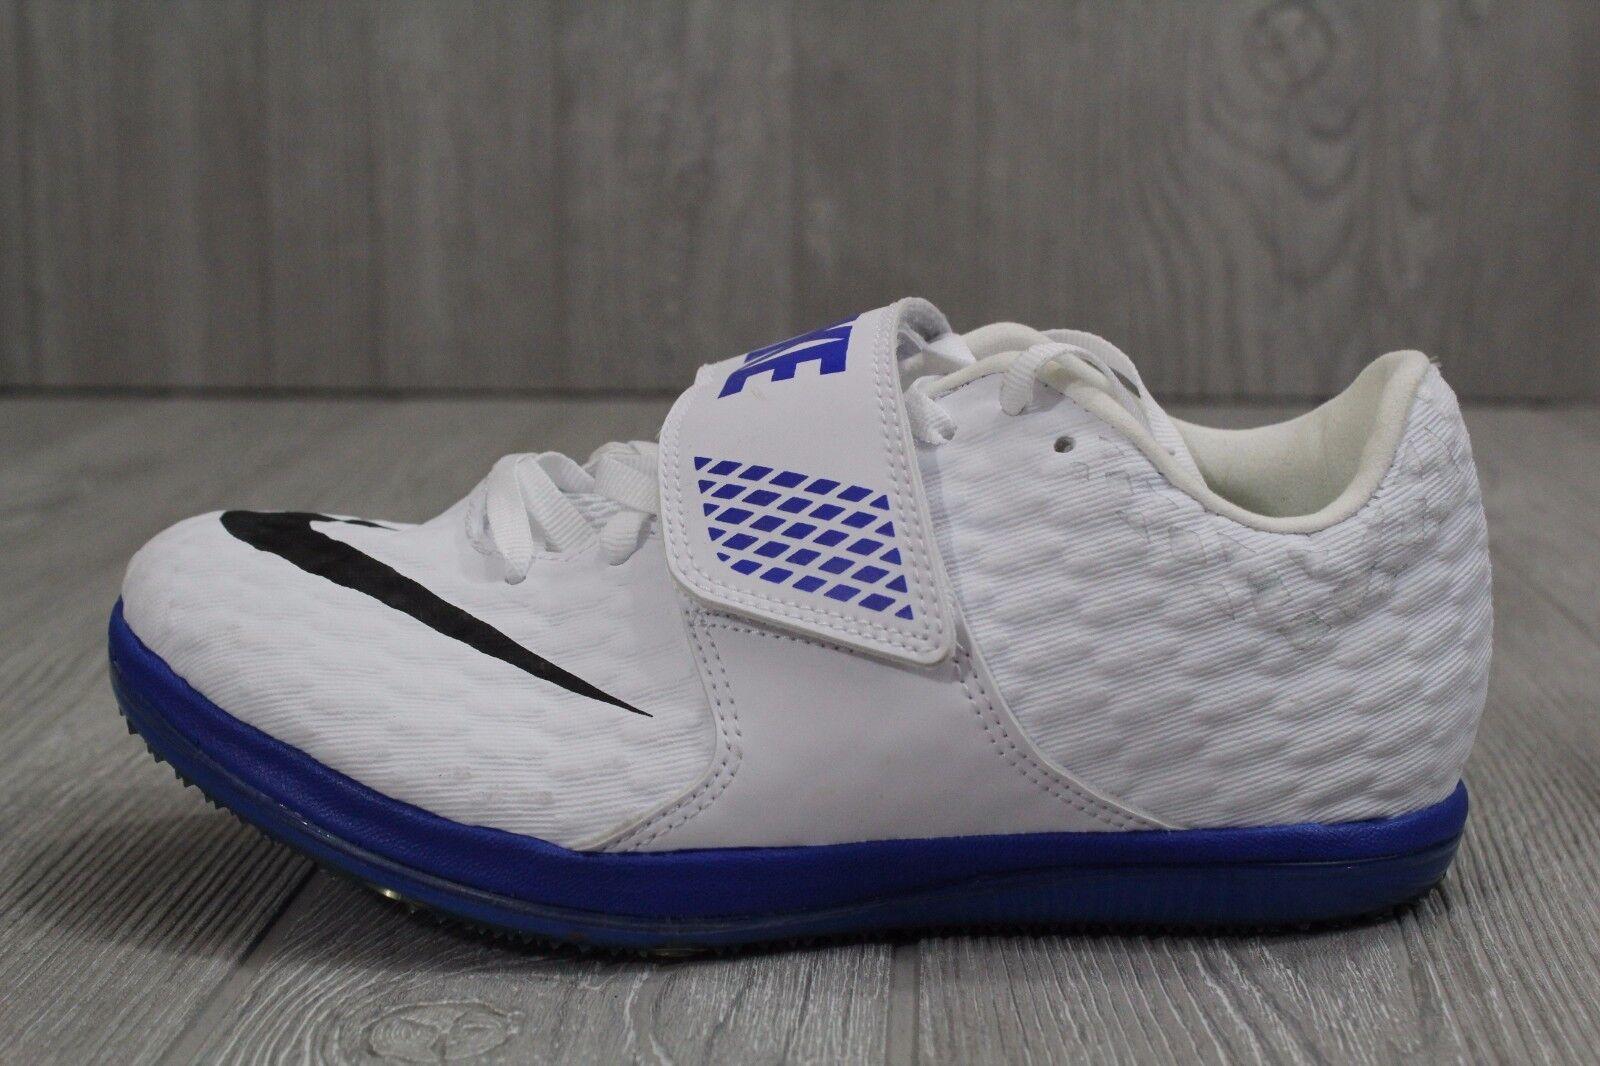 23 New Nike Uomo HJ High Jump Elite White Track Spikes 806561-100 4.5 -13